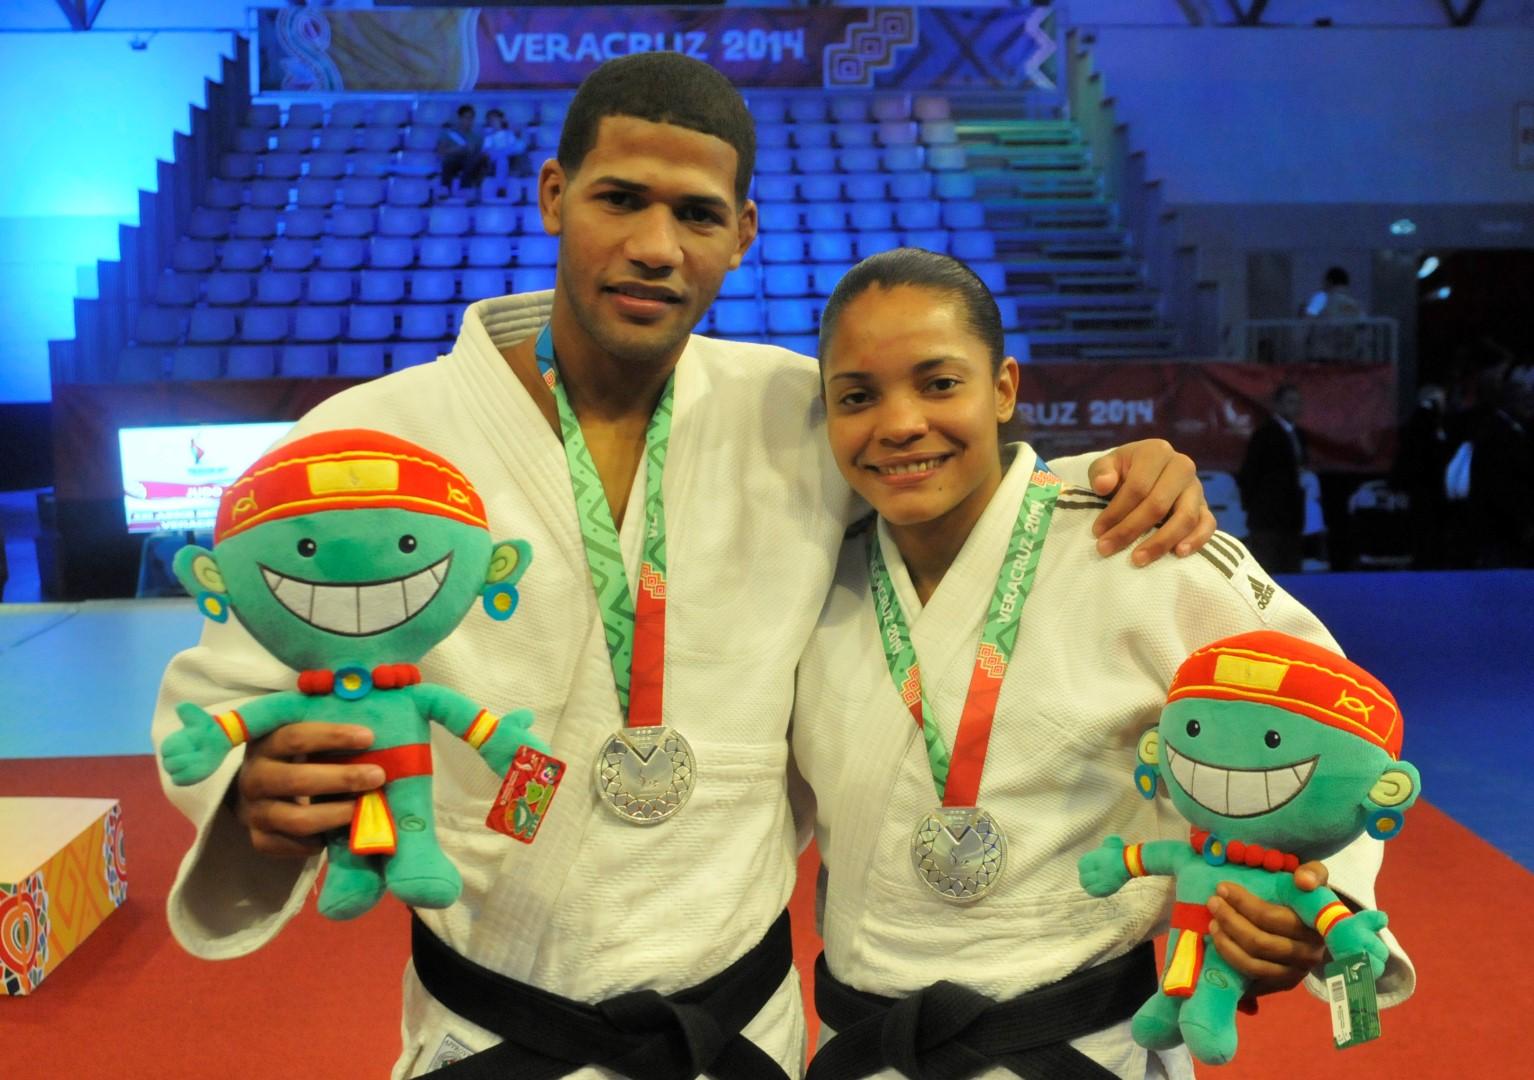 Judocas García y Montero ganan sendas medallas de plata